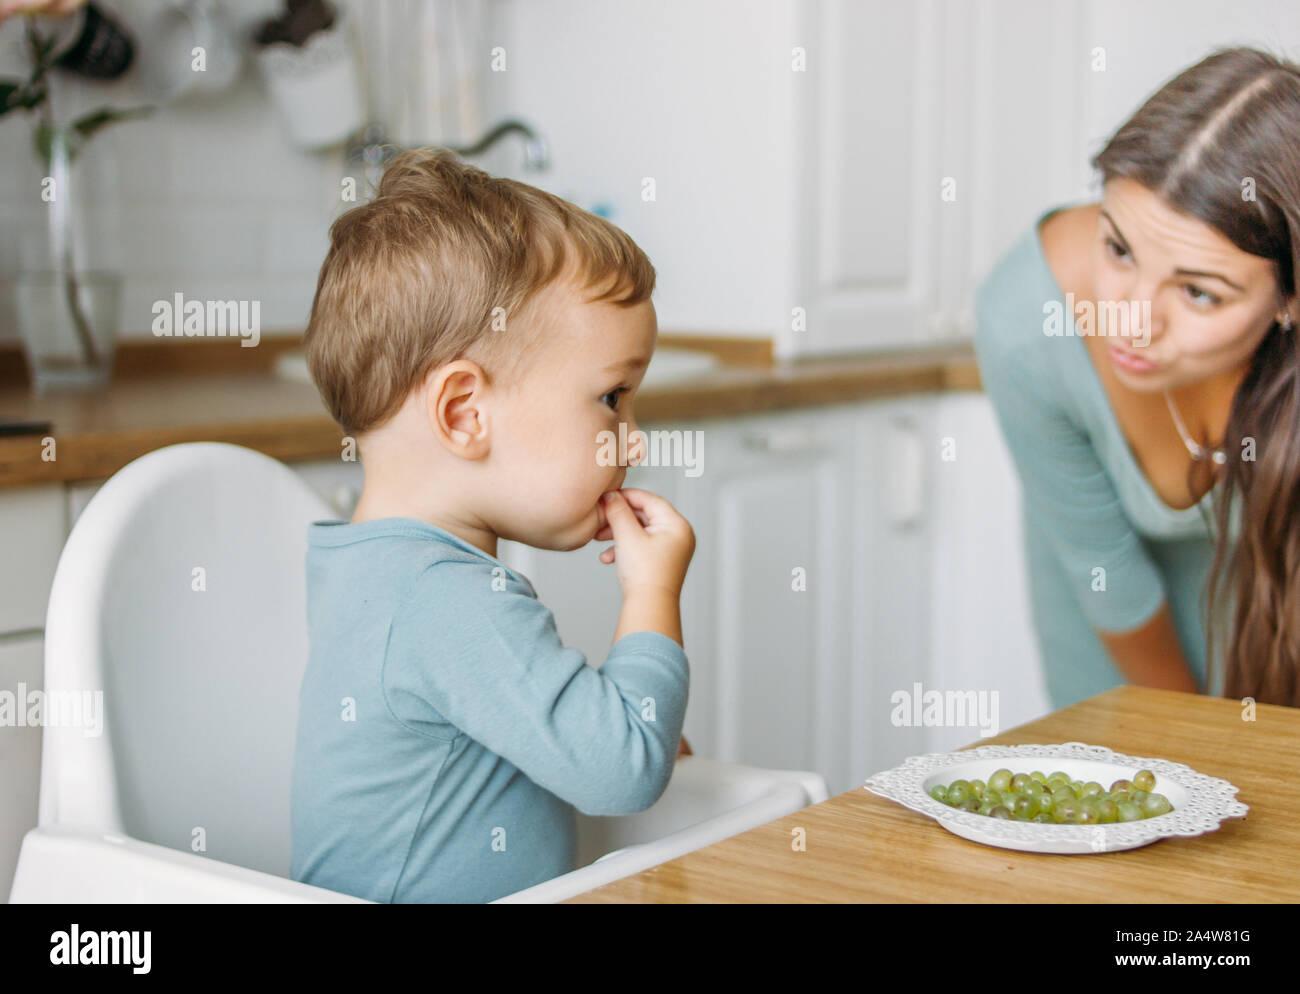 Charmante konzentriert baby boy Essen zunächst Essen Grüne Traube auf die helle Küche zu Hause Stockfoto